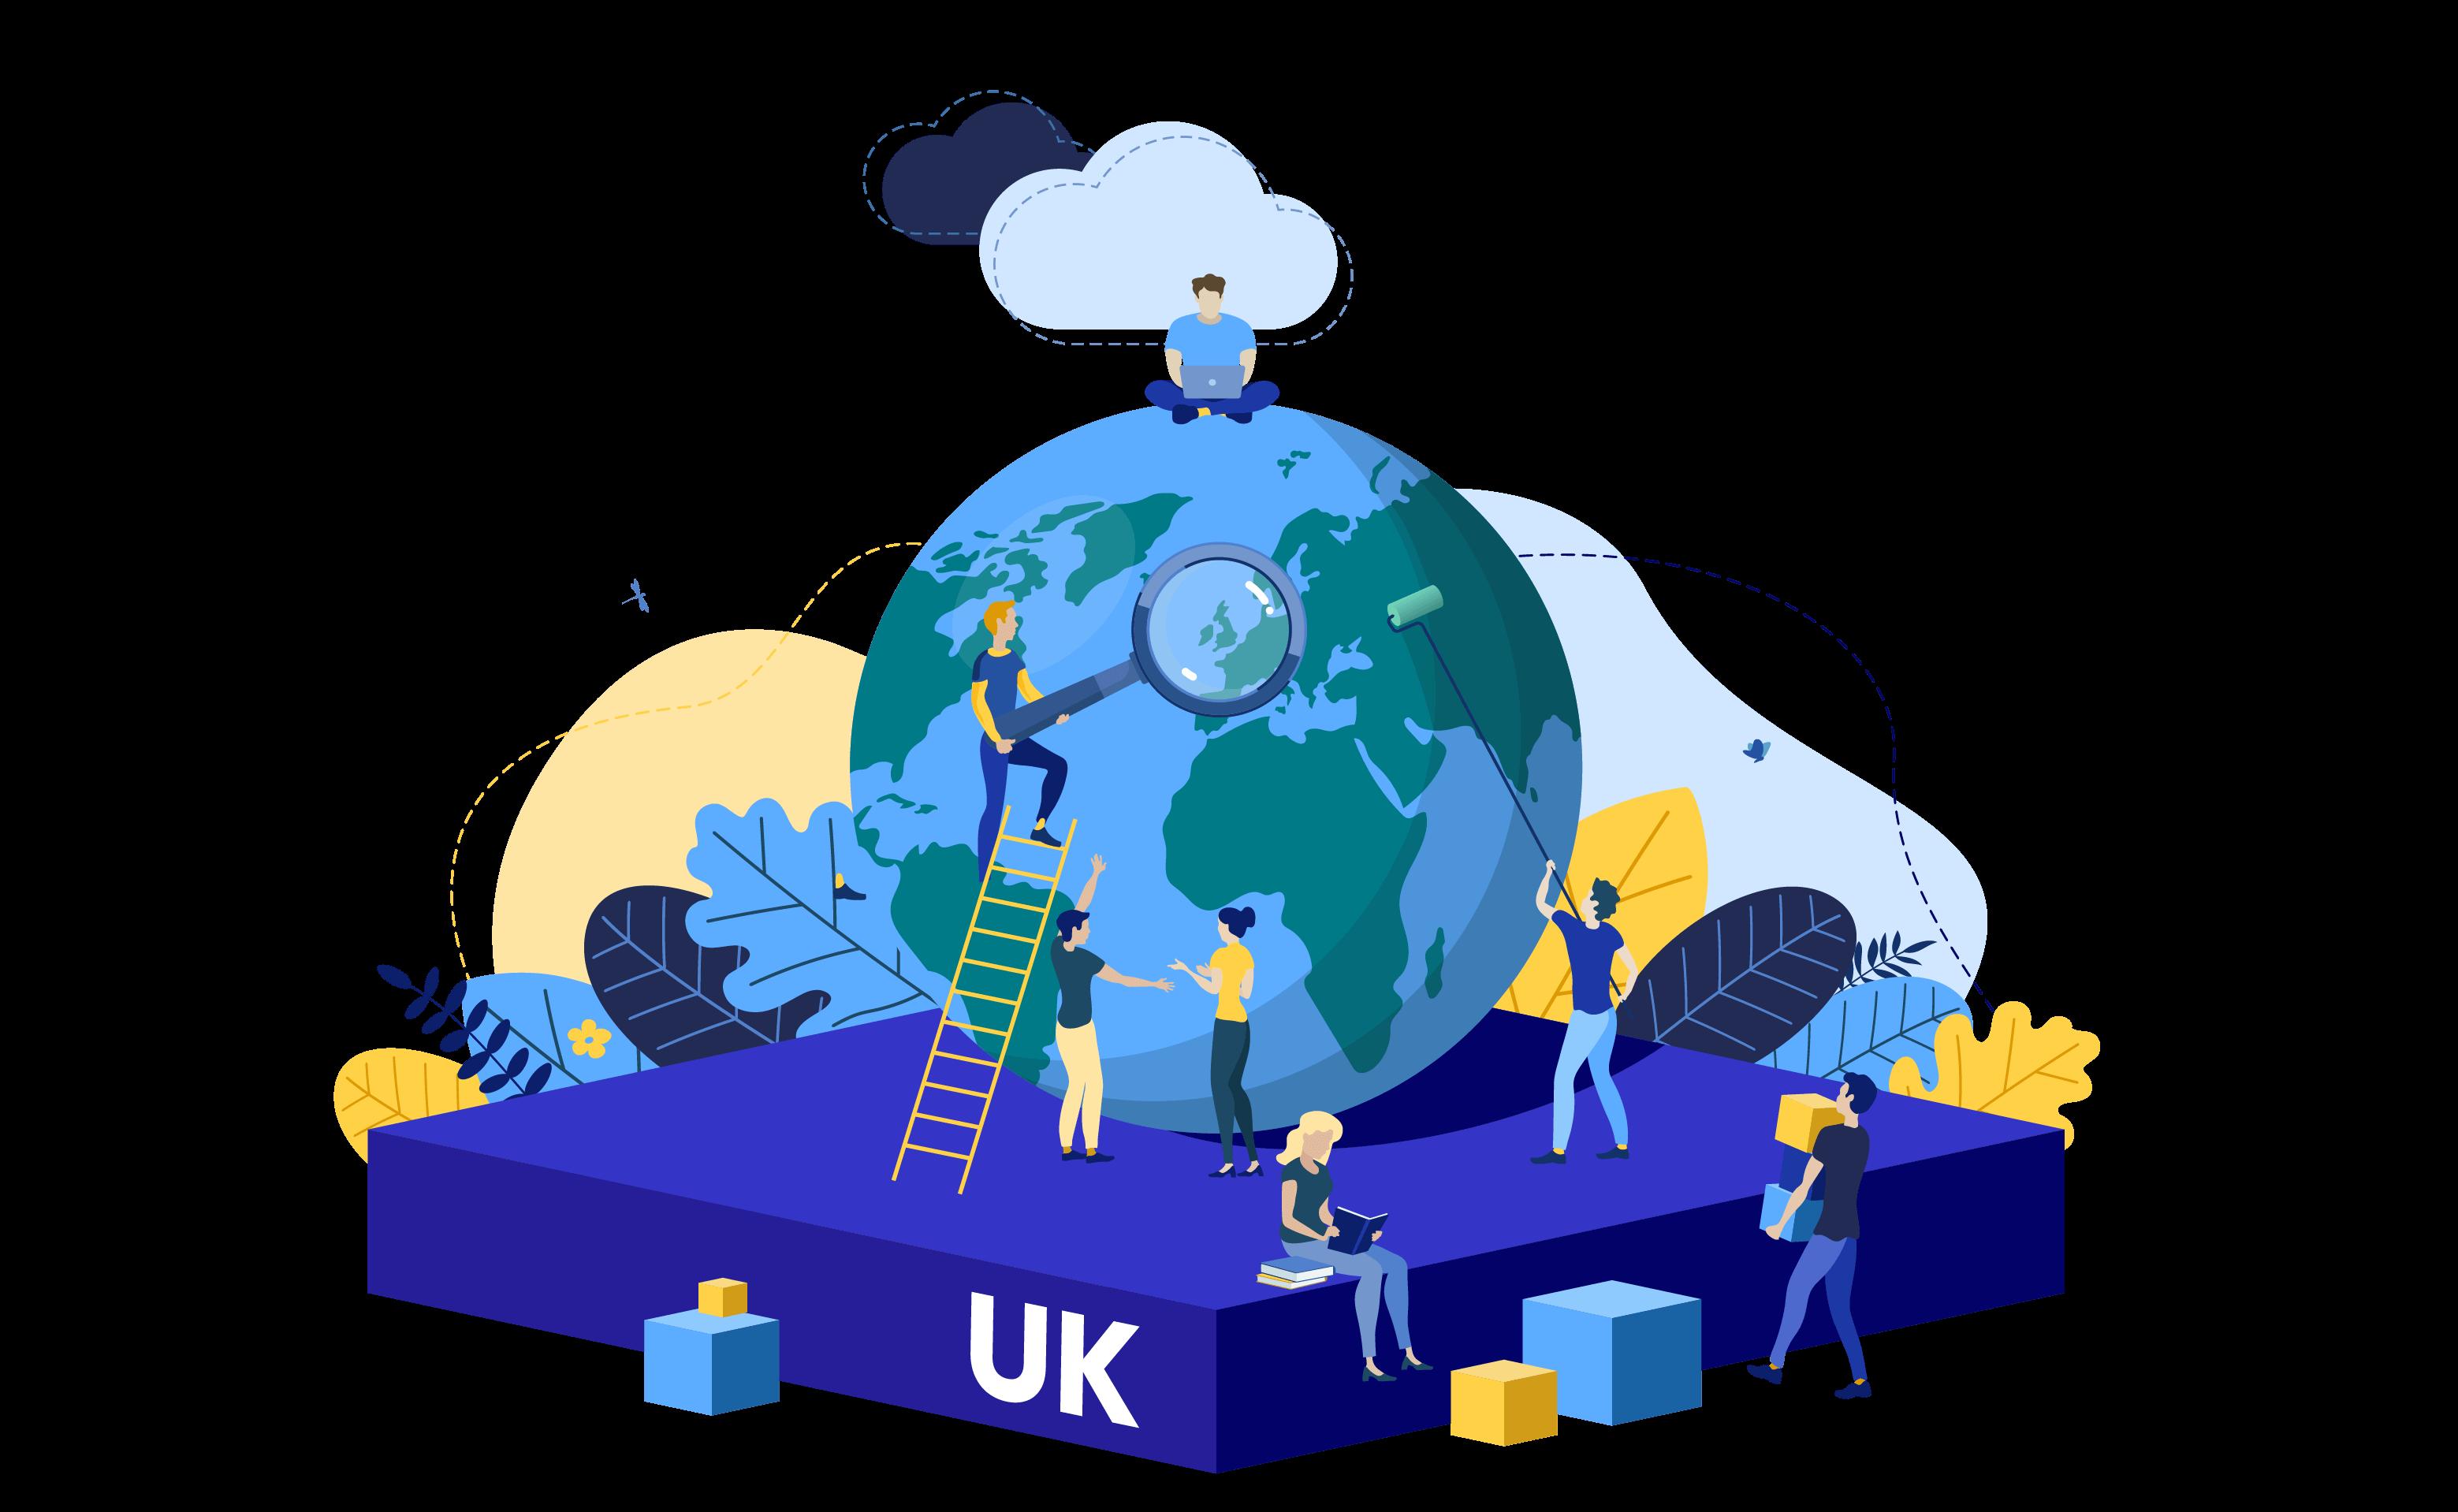 Sedi - Accessibilità Web nel Regno Unito